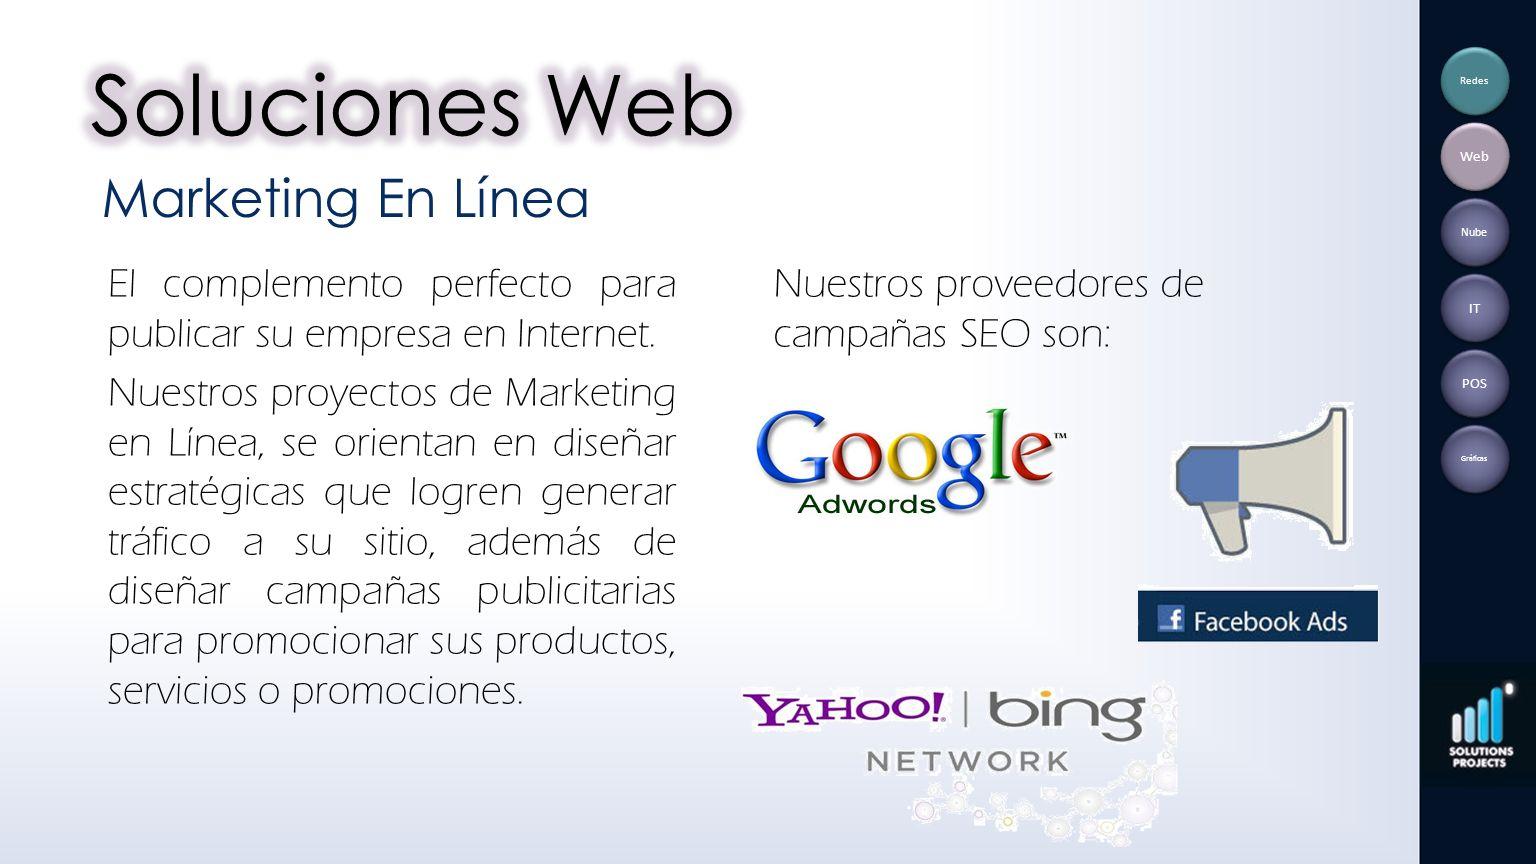 El complemento perfecto para publicar su empresa en Internet. Nuestros proyectos de Marketing en Línea, se orientan en diseñar estratégicas que logren